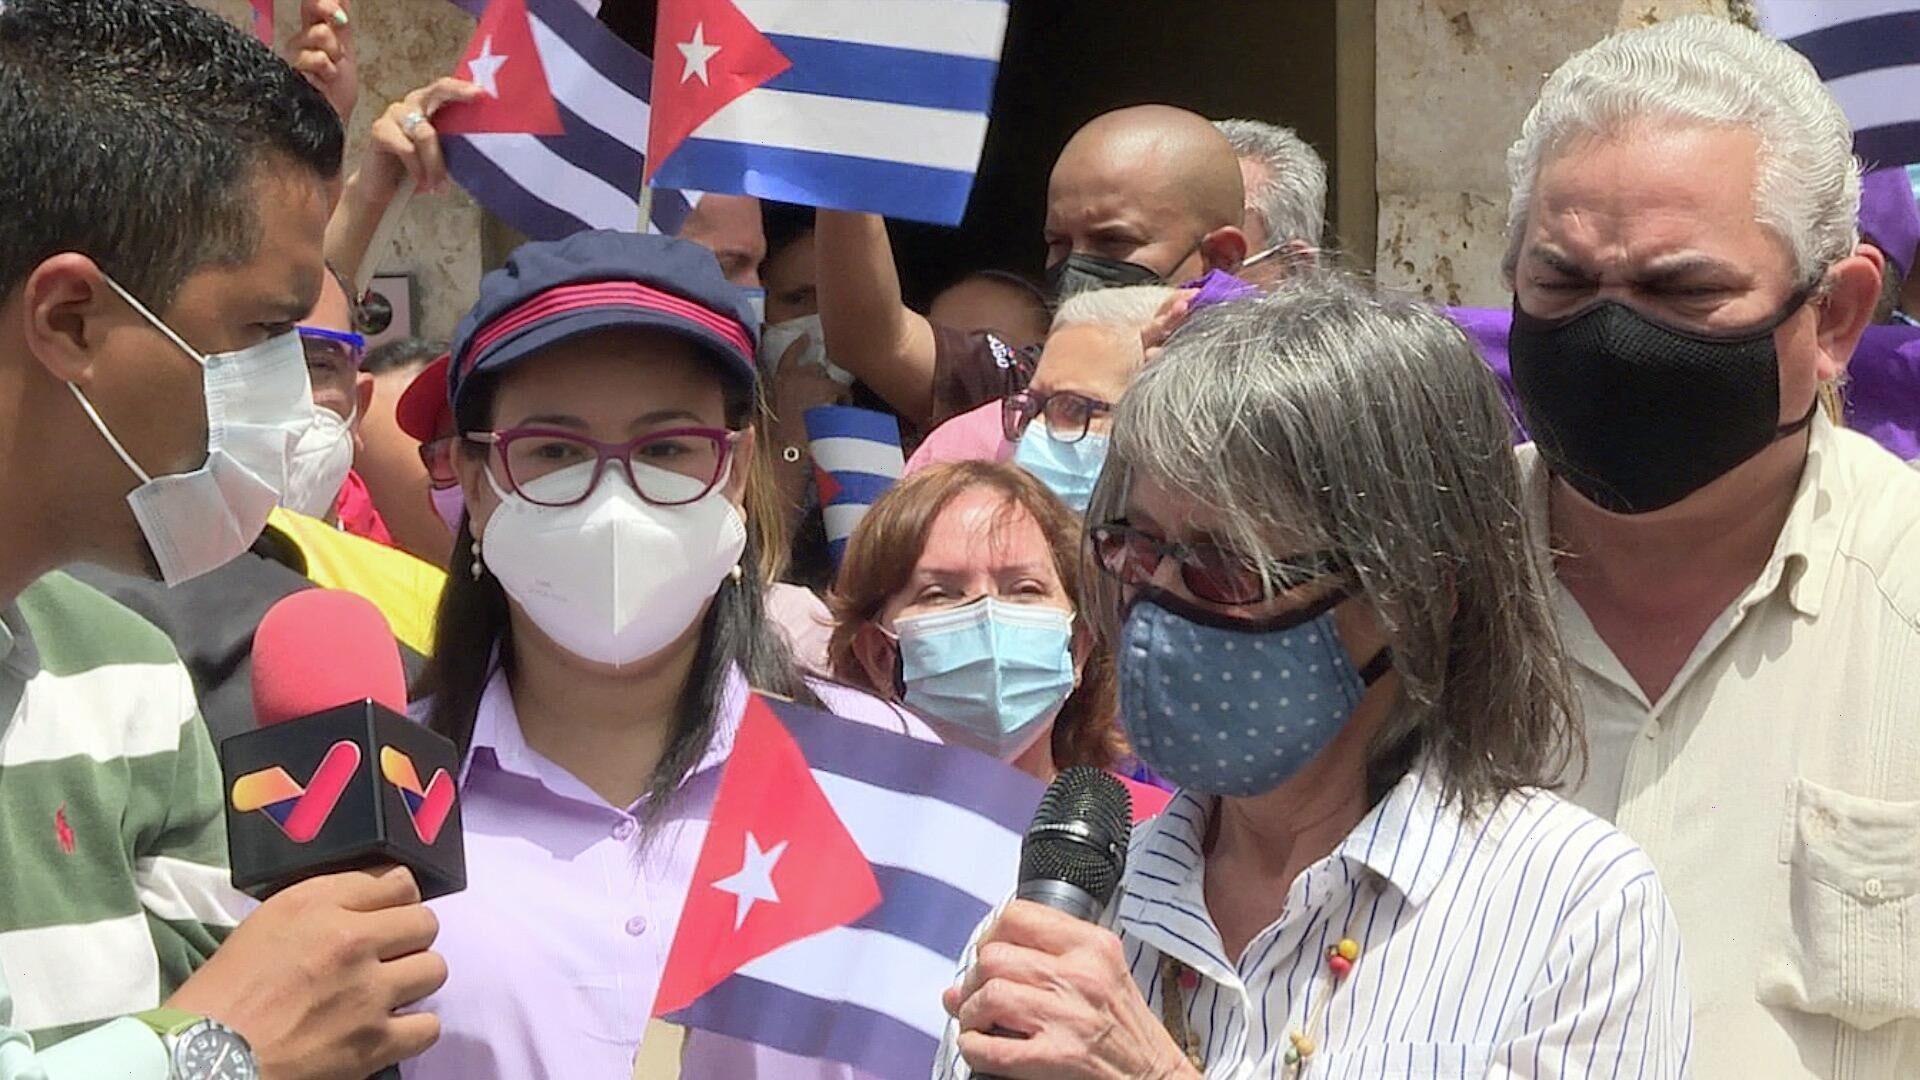 Militantes venezolanos se solidarizan frente a la sede de la embajada de Cuba en Caracas - Sputnik Mundo, 1920, 12.07.2021